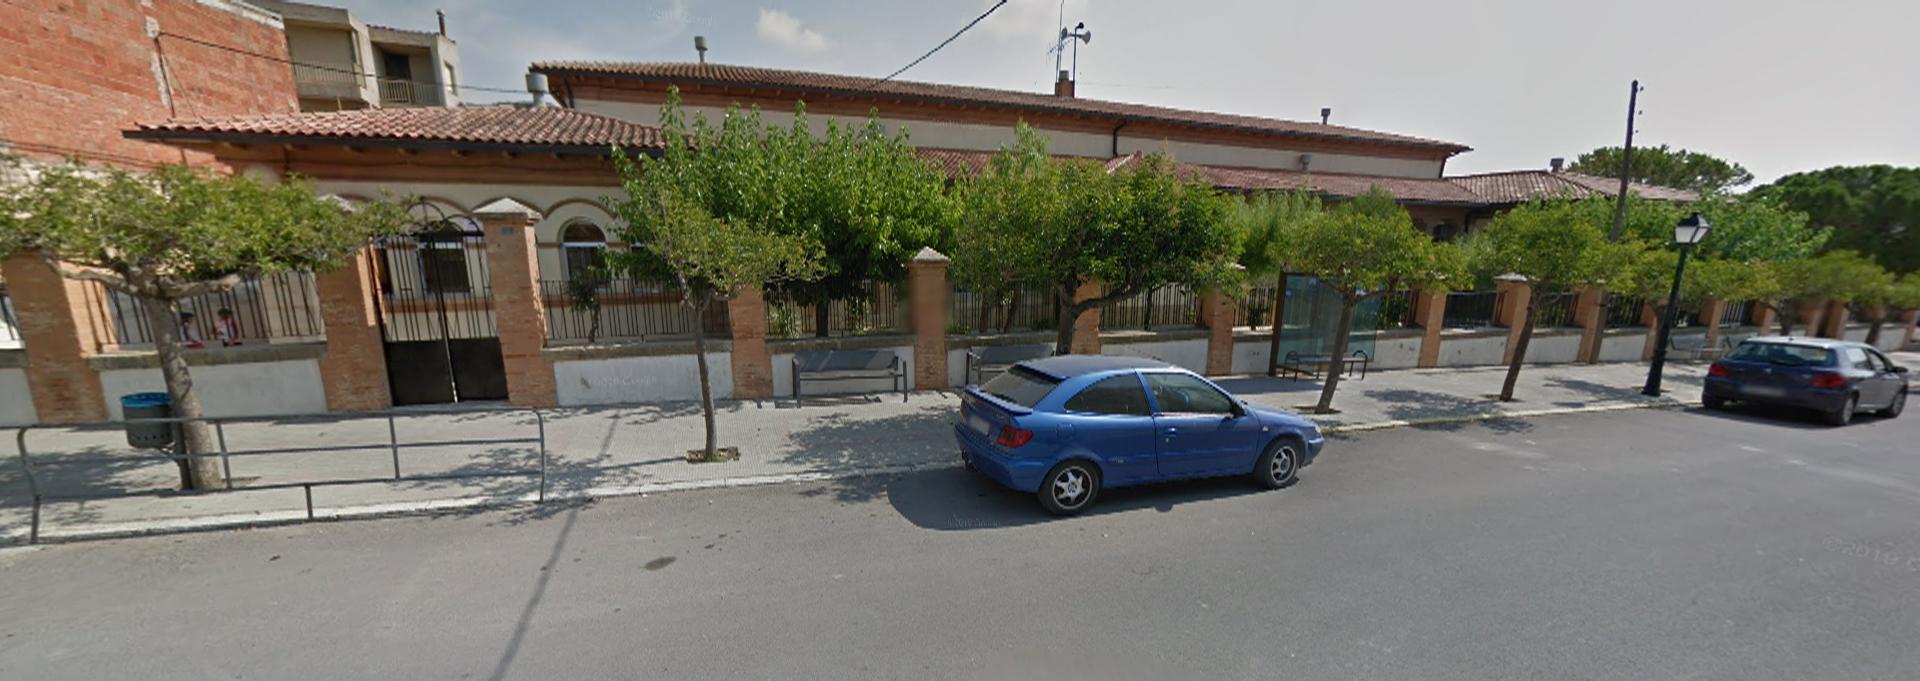 La conselleria de Marzà segueix sense donar resposta a les 'goteres' del col·legi de Xert